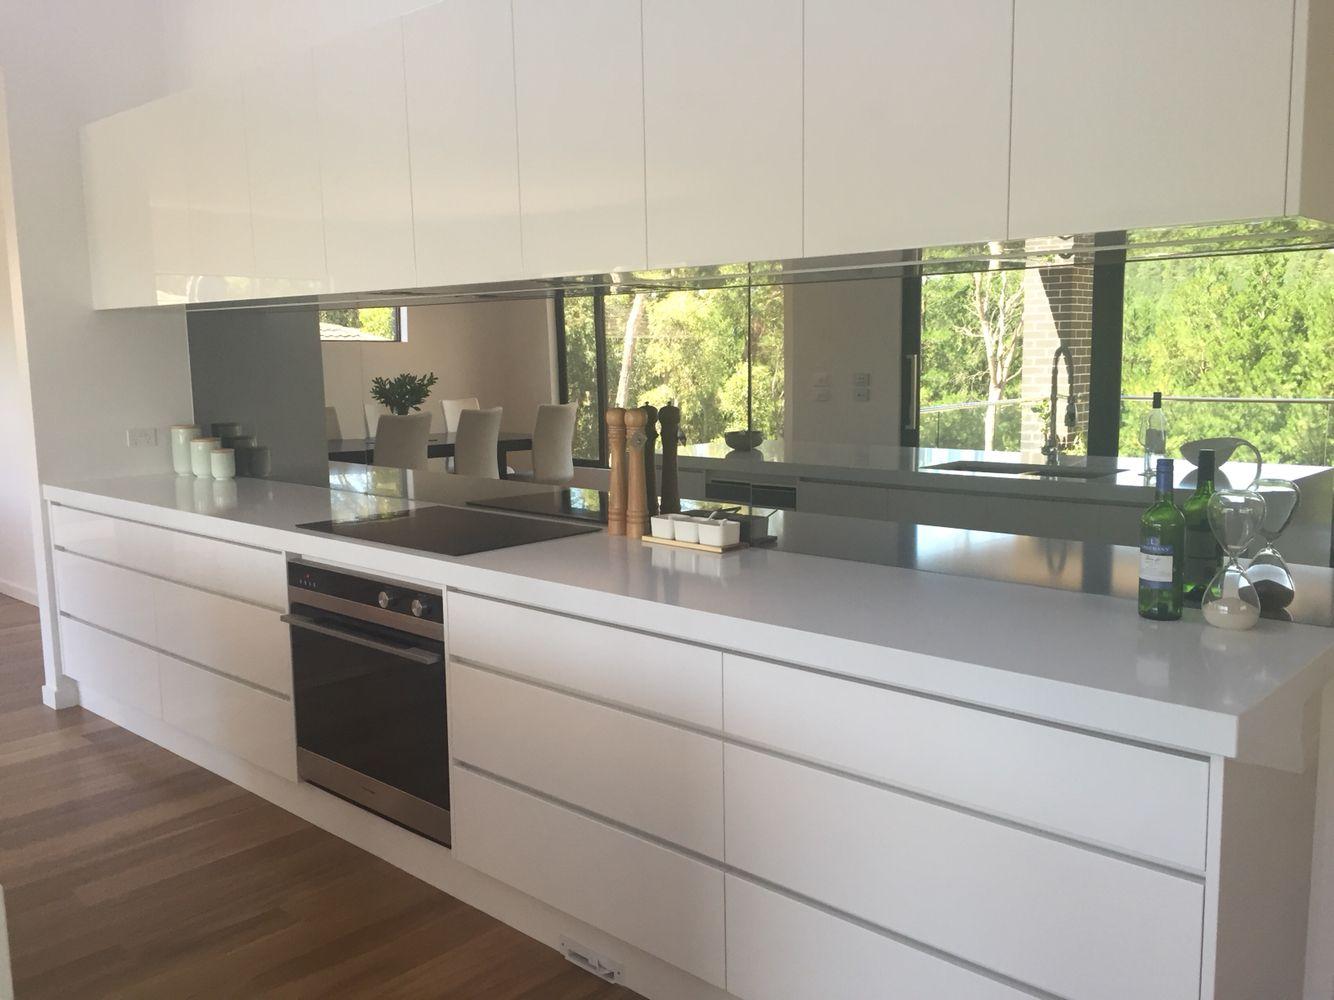 White Kitchen Mirror Splashback mirror splashback kitchen with white push open doors no handles